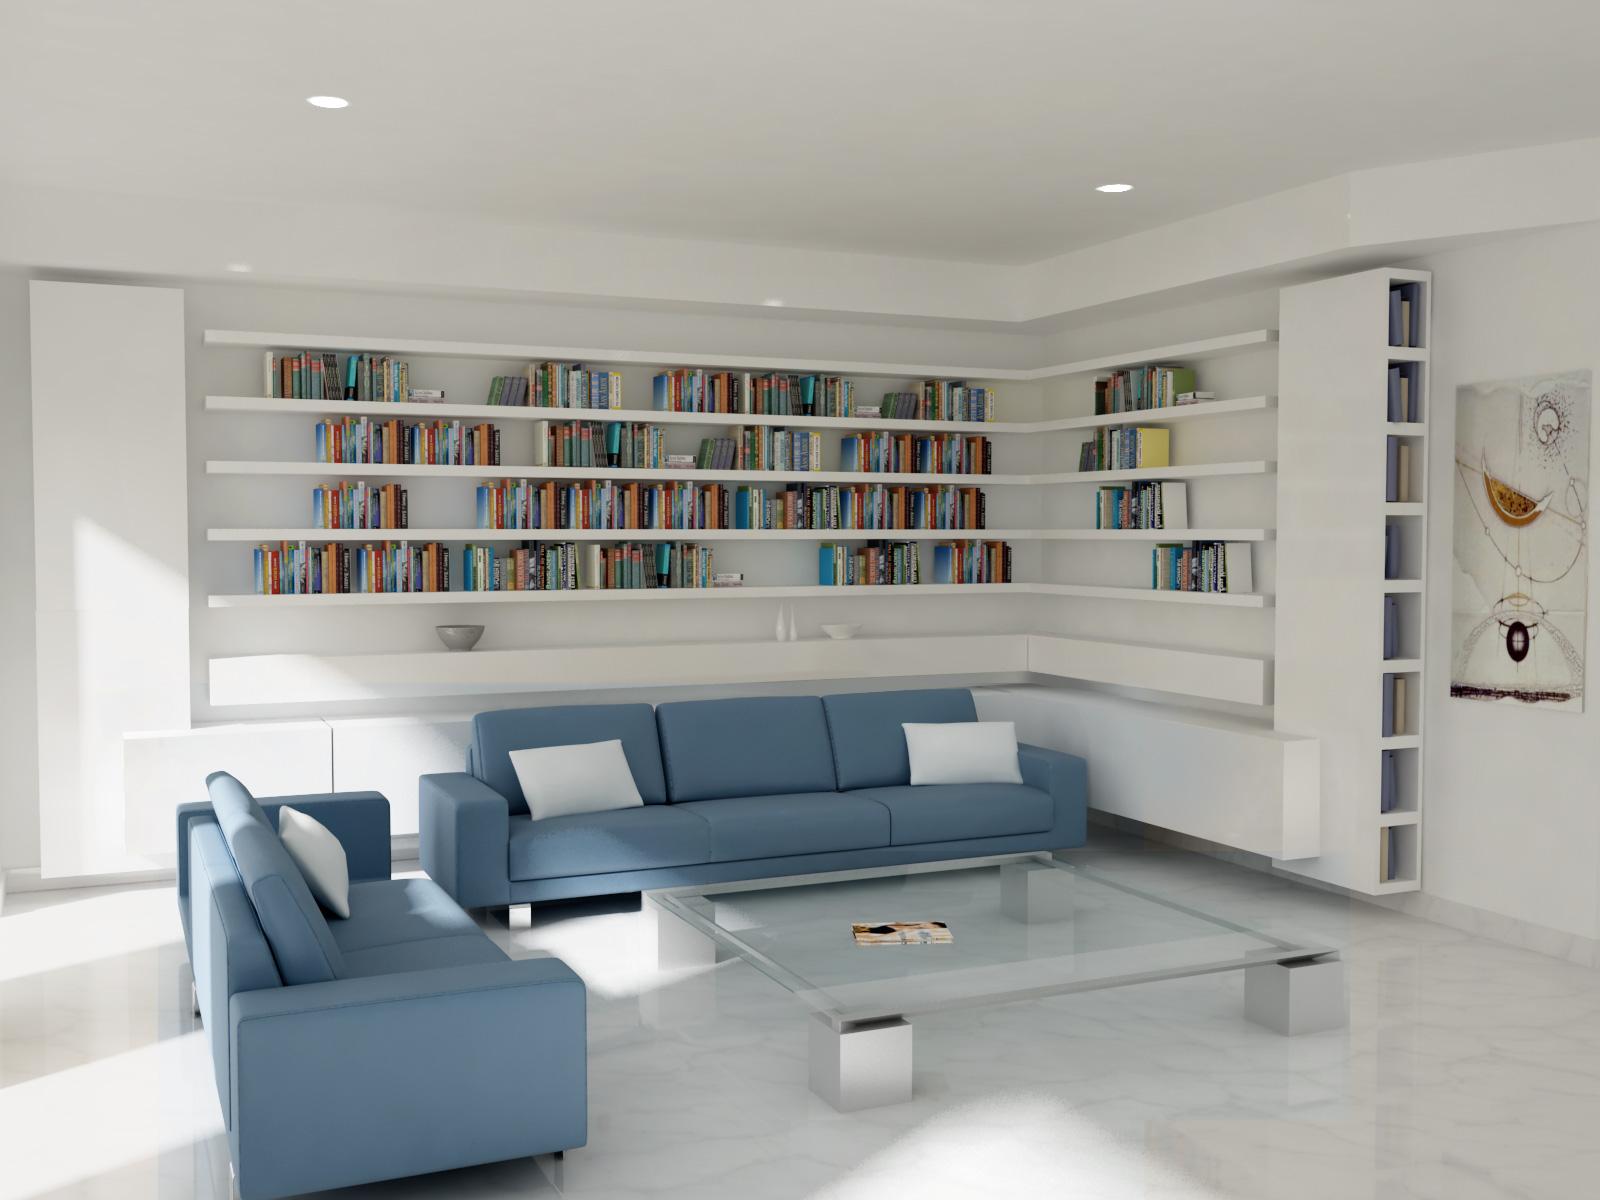 Archibit generation s r l interior design - Corsi di interior design roma ...